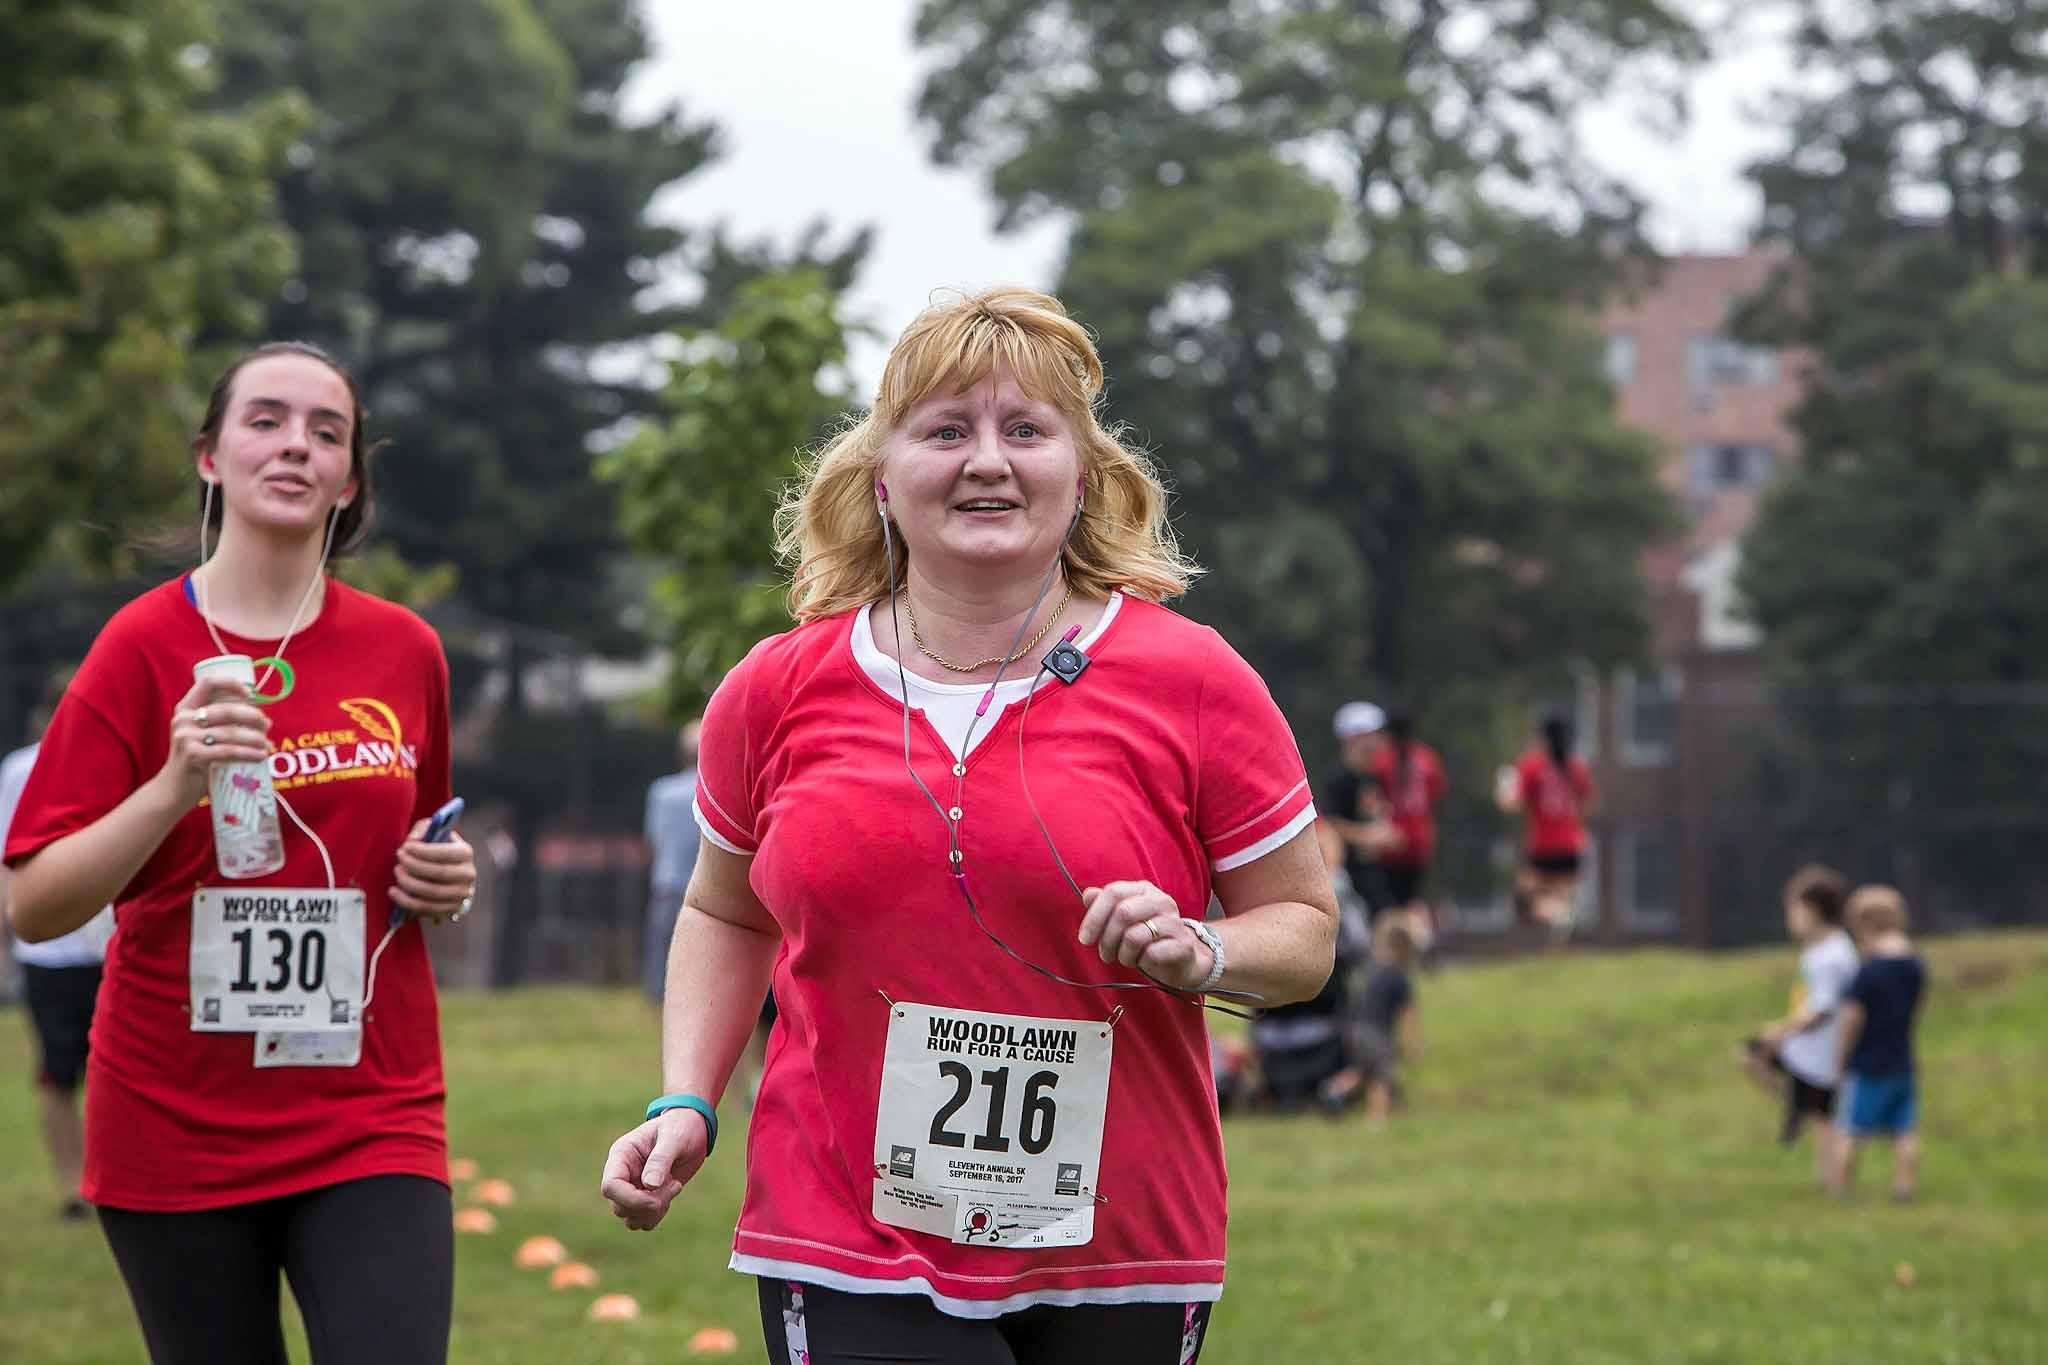 164-Woodlawn Run for a Cause-438.jpg